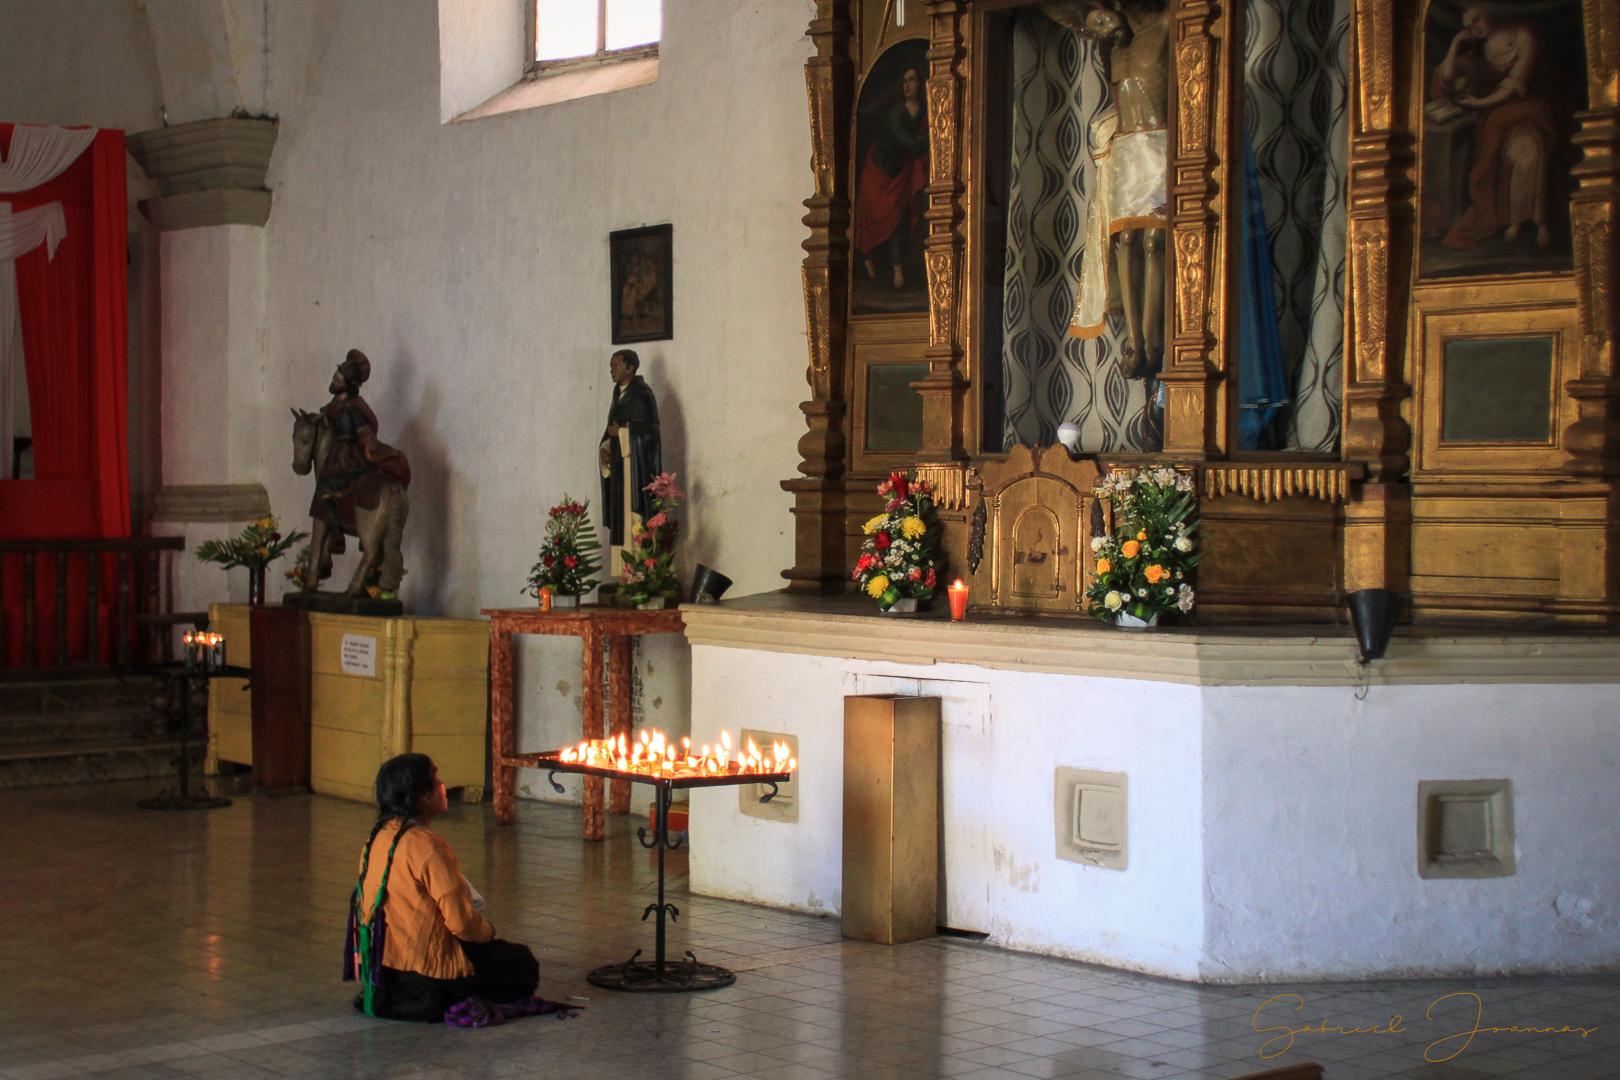 San cristobal de las casas 12